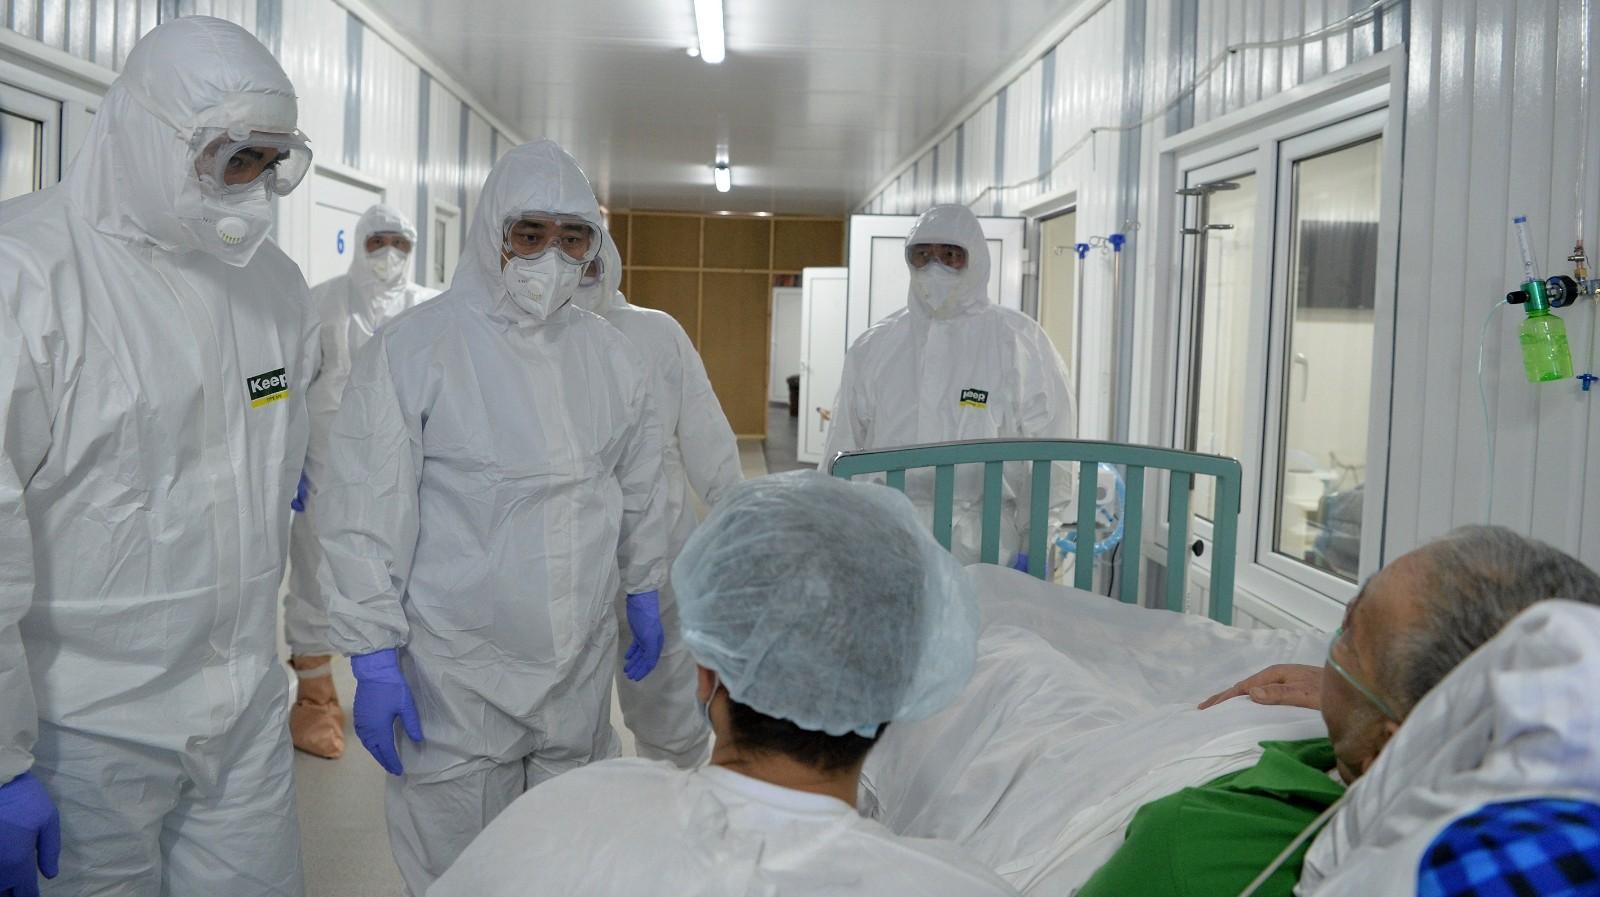 Kırgızistan Sağlık Bakanı önermişti! Covid-19'a karşı önerilen bitkiden 2 kişi zehirlendi